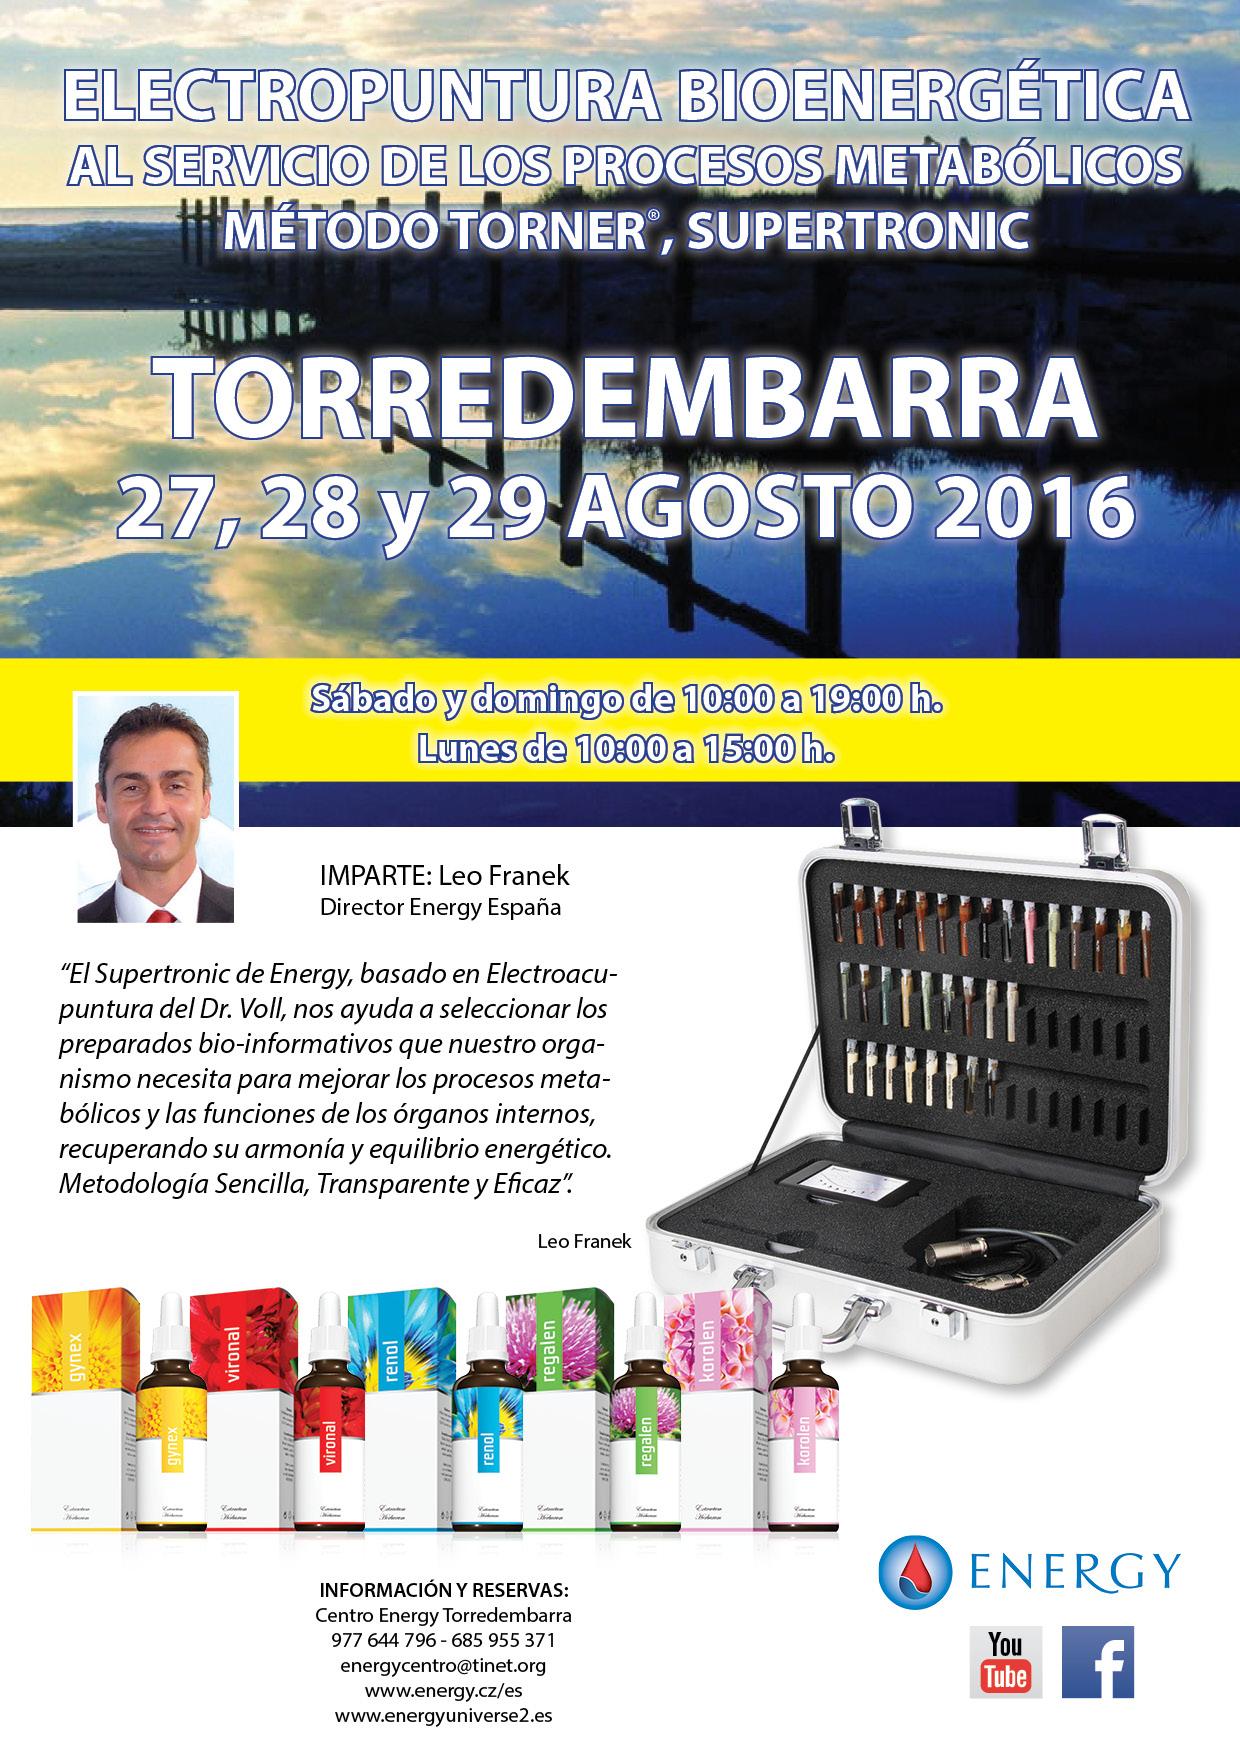 Seminario ENERGY Torredembarra 27,28 y 29 agosto 2016